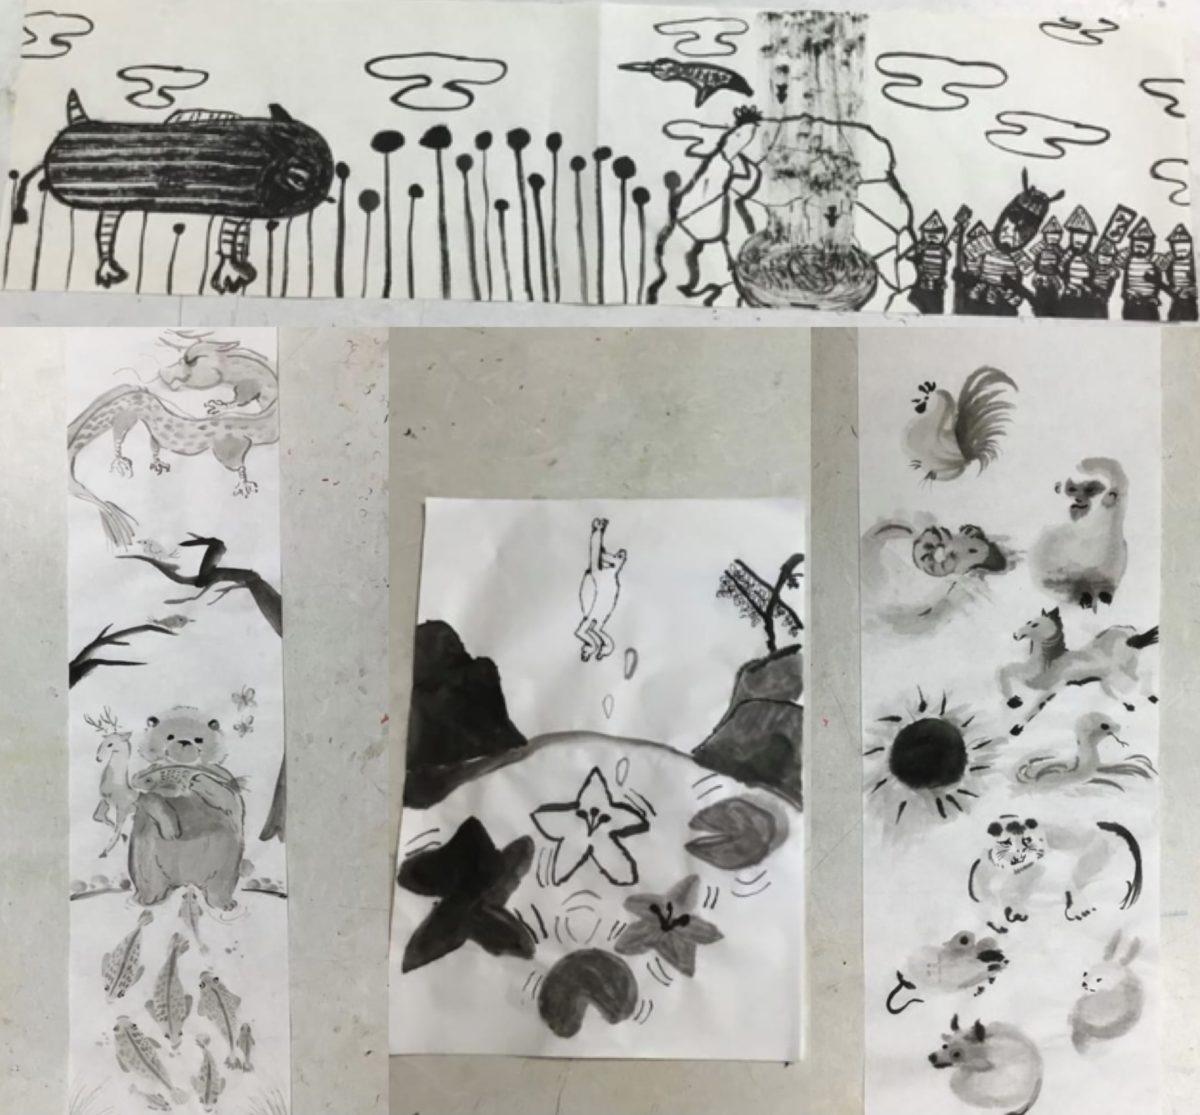 絵画クラス「水墨画を描こう!」